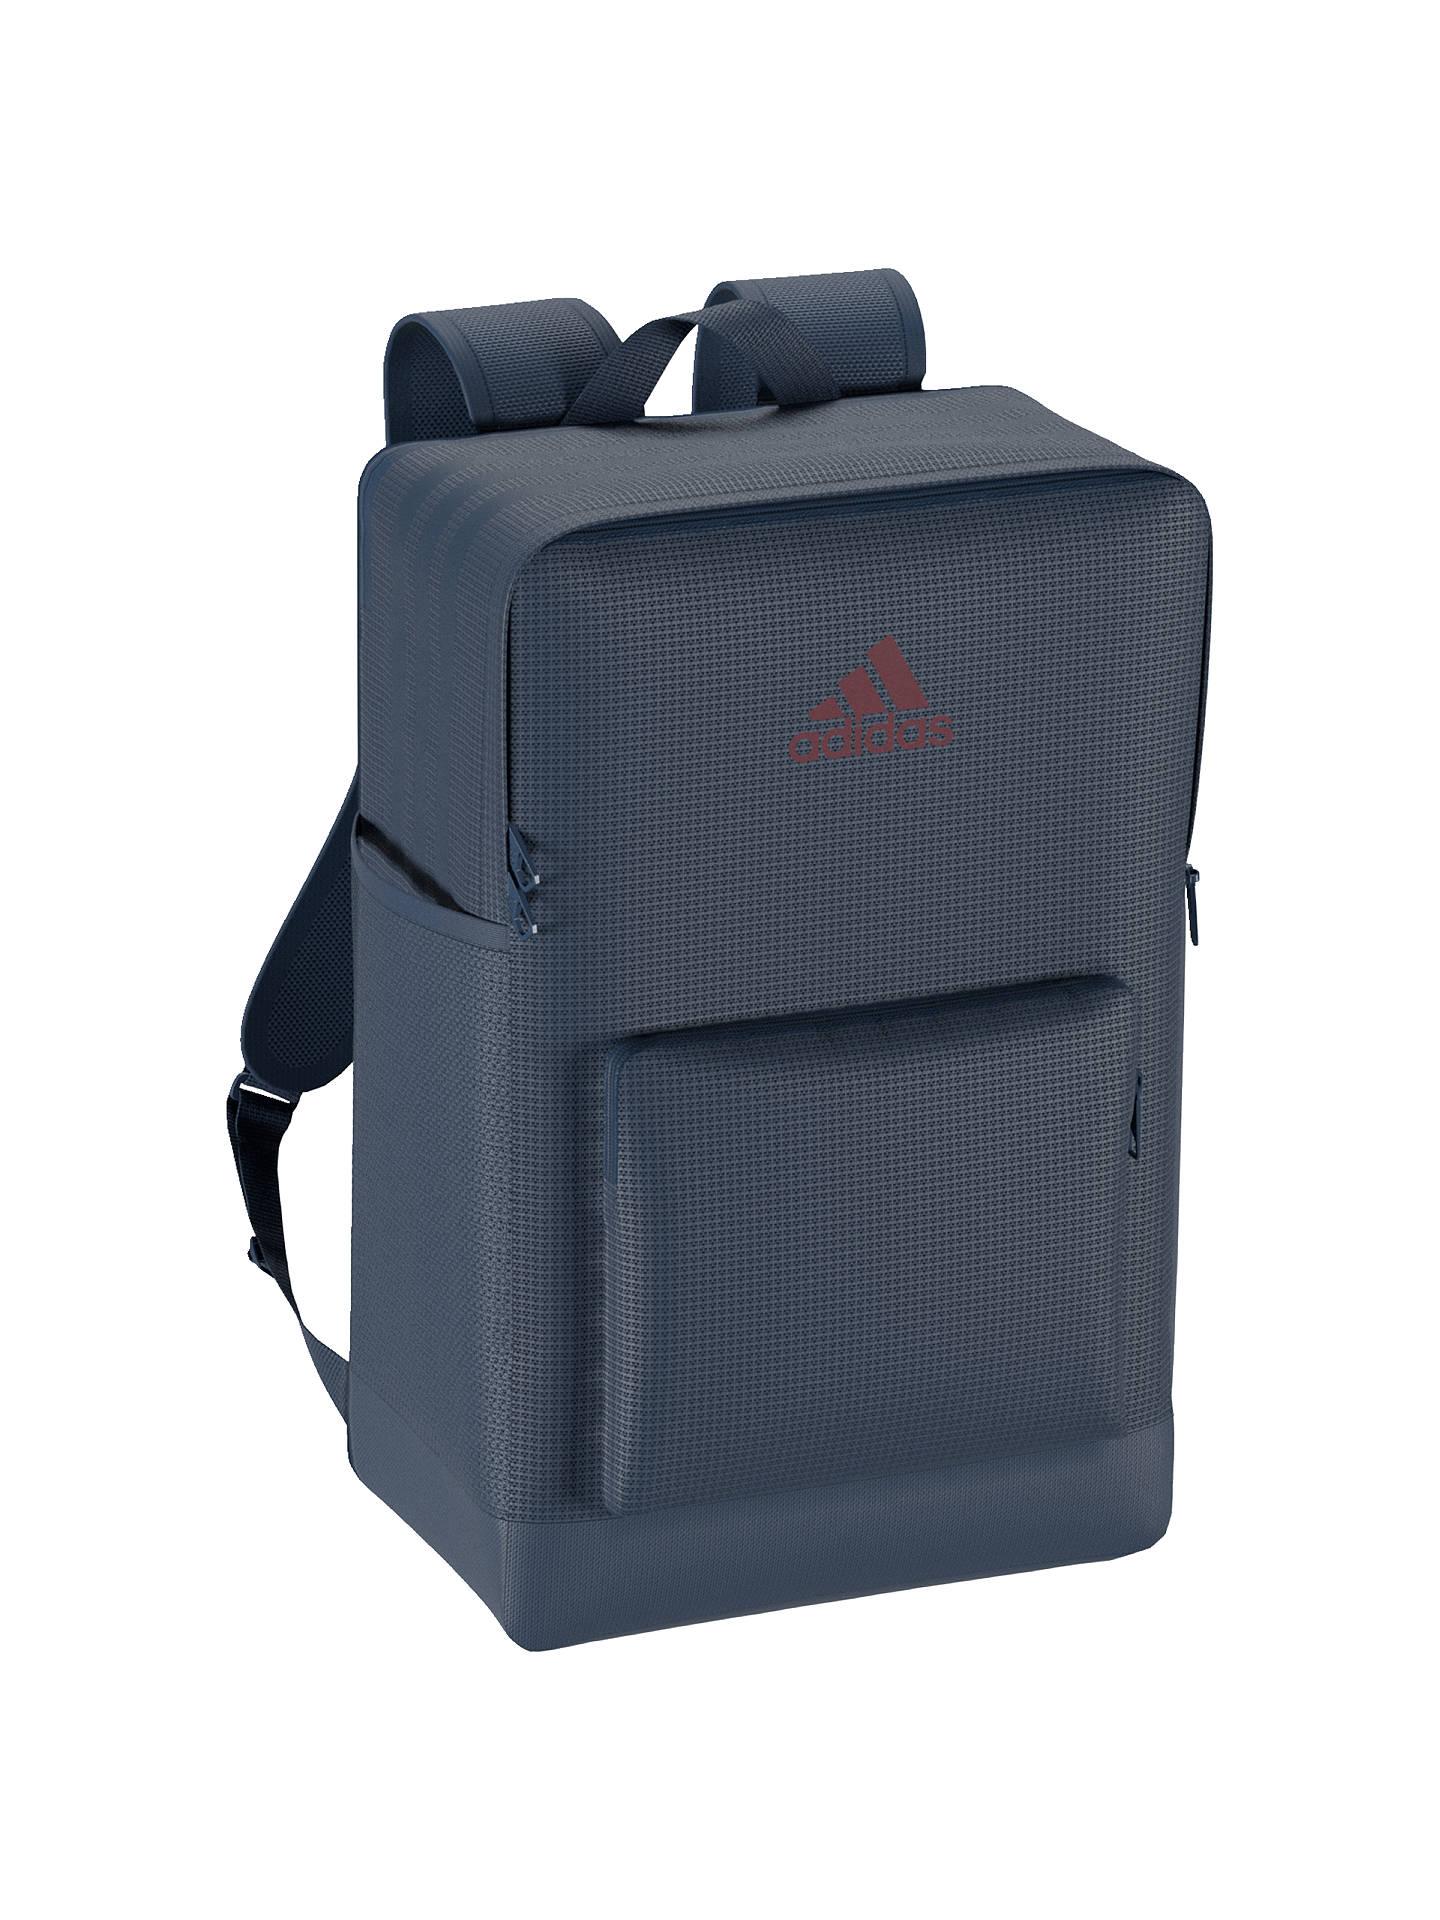 Buyadidas 3-Stripes Performance Backpack Bag, Blue Online at johnlewis.com 2b34429fd7